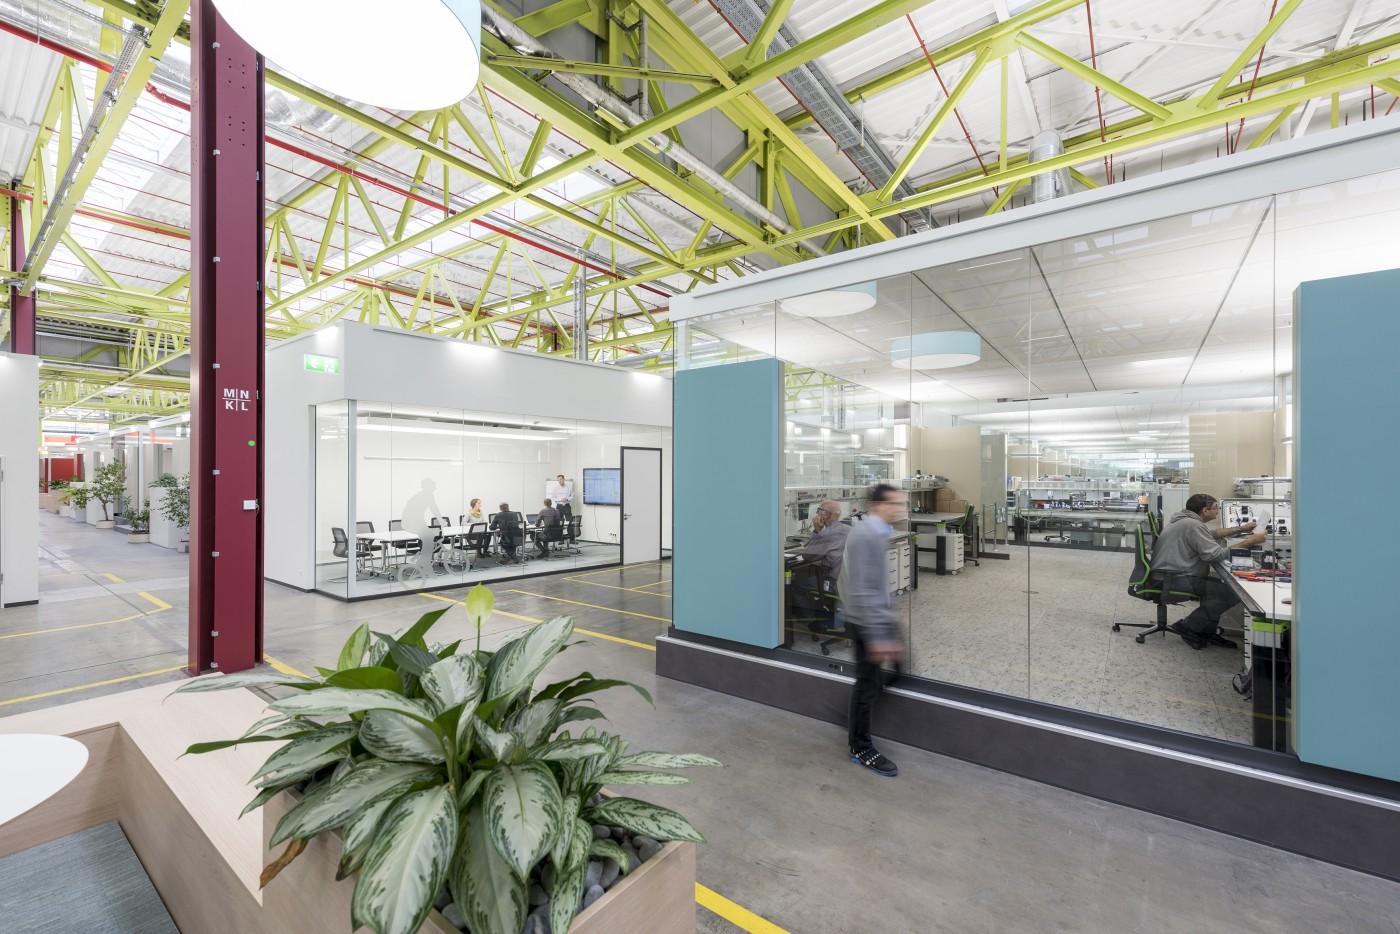 20181213_1_Heidelberg_Innovation_Center_Office_area